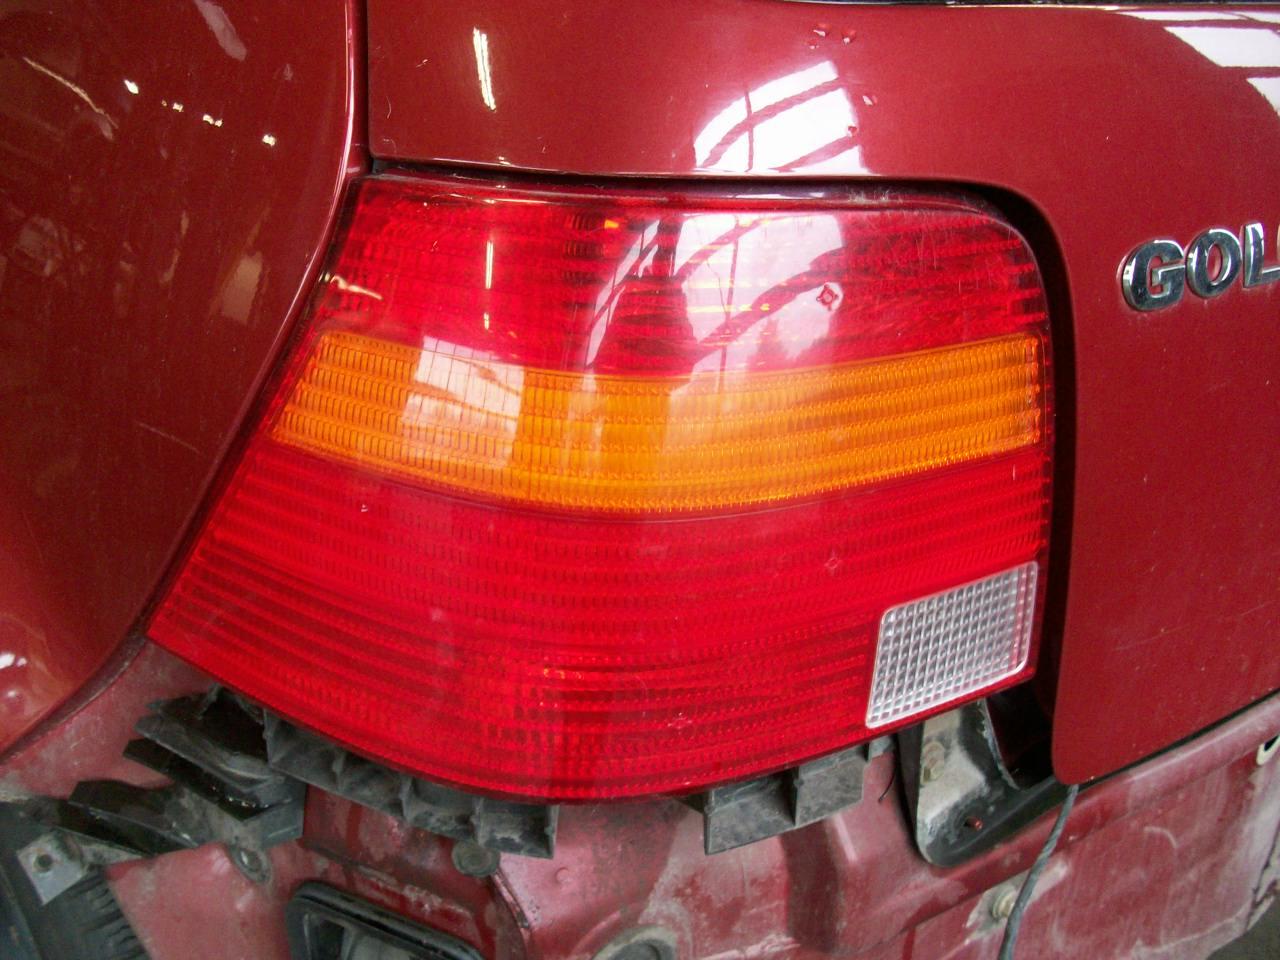 hight resolution of left taillight vw golf iv 1j1 1 4 16v 3 doors